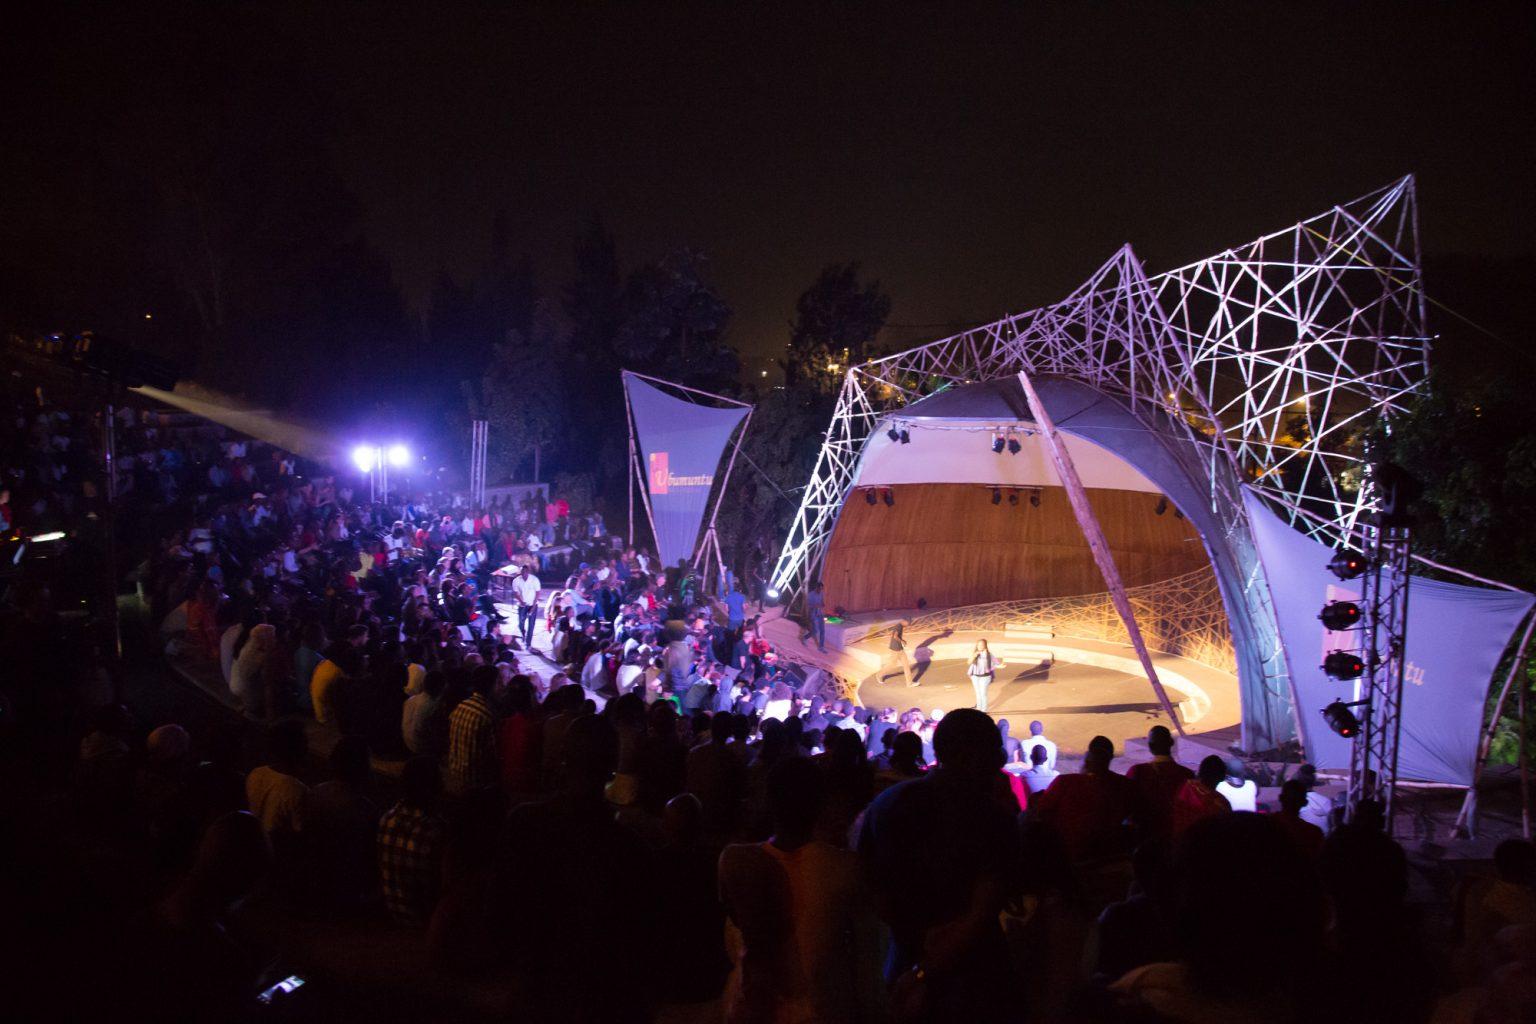 Rwanda's Ubumuntu Arts Festival and the celebration of humanity